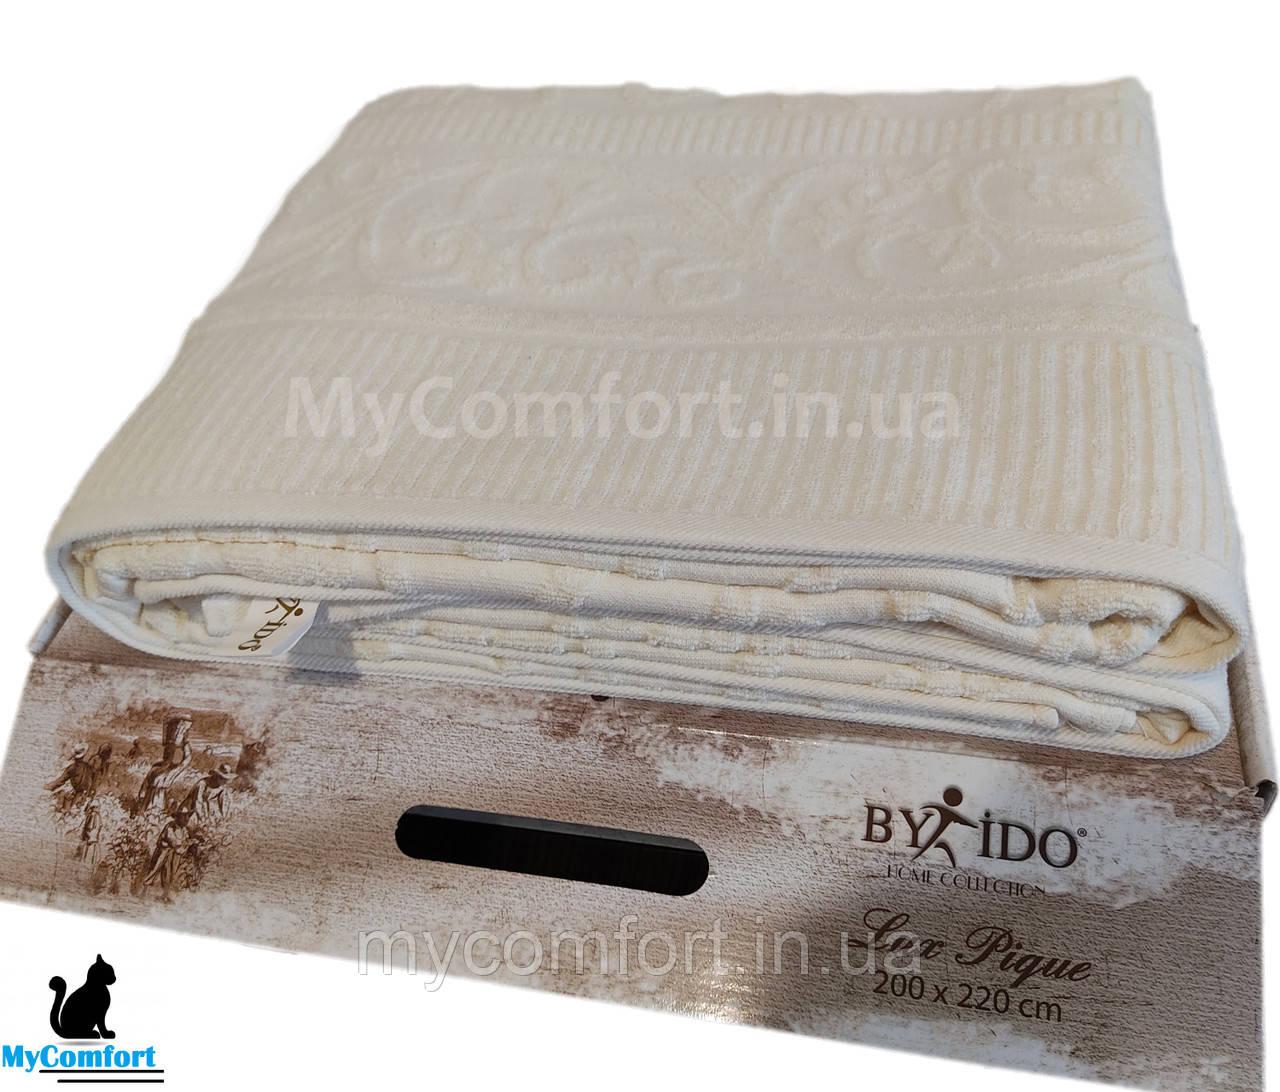 Махровый плед, махровое покрывало, махровая простынь BY IDO LuxPique 200x220. Крем